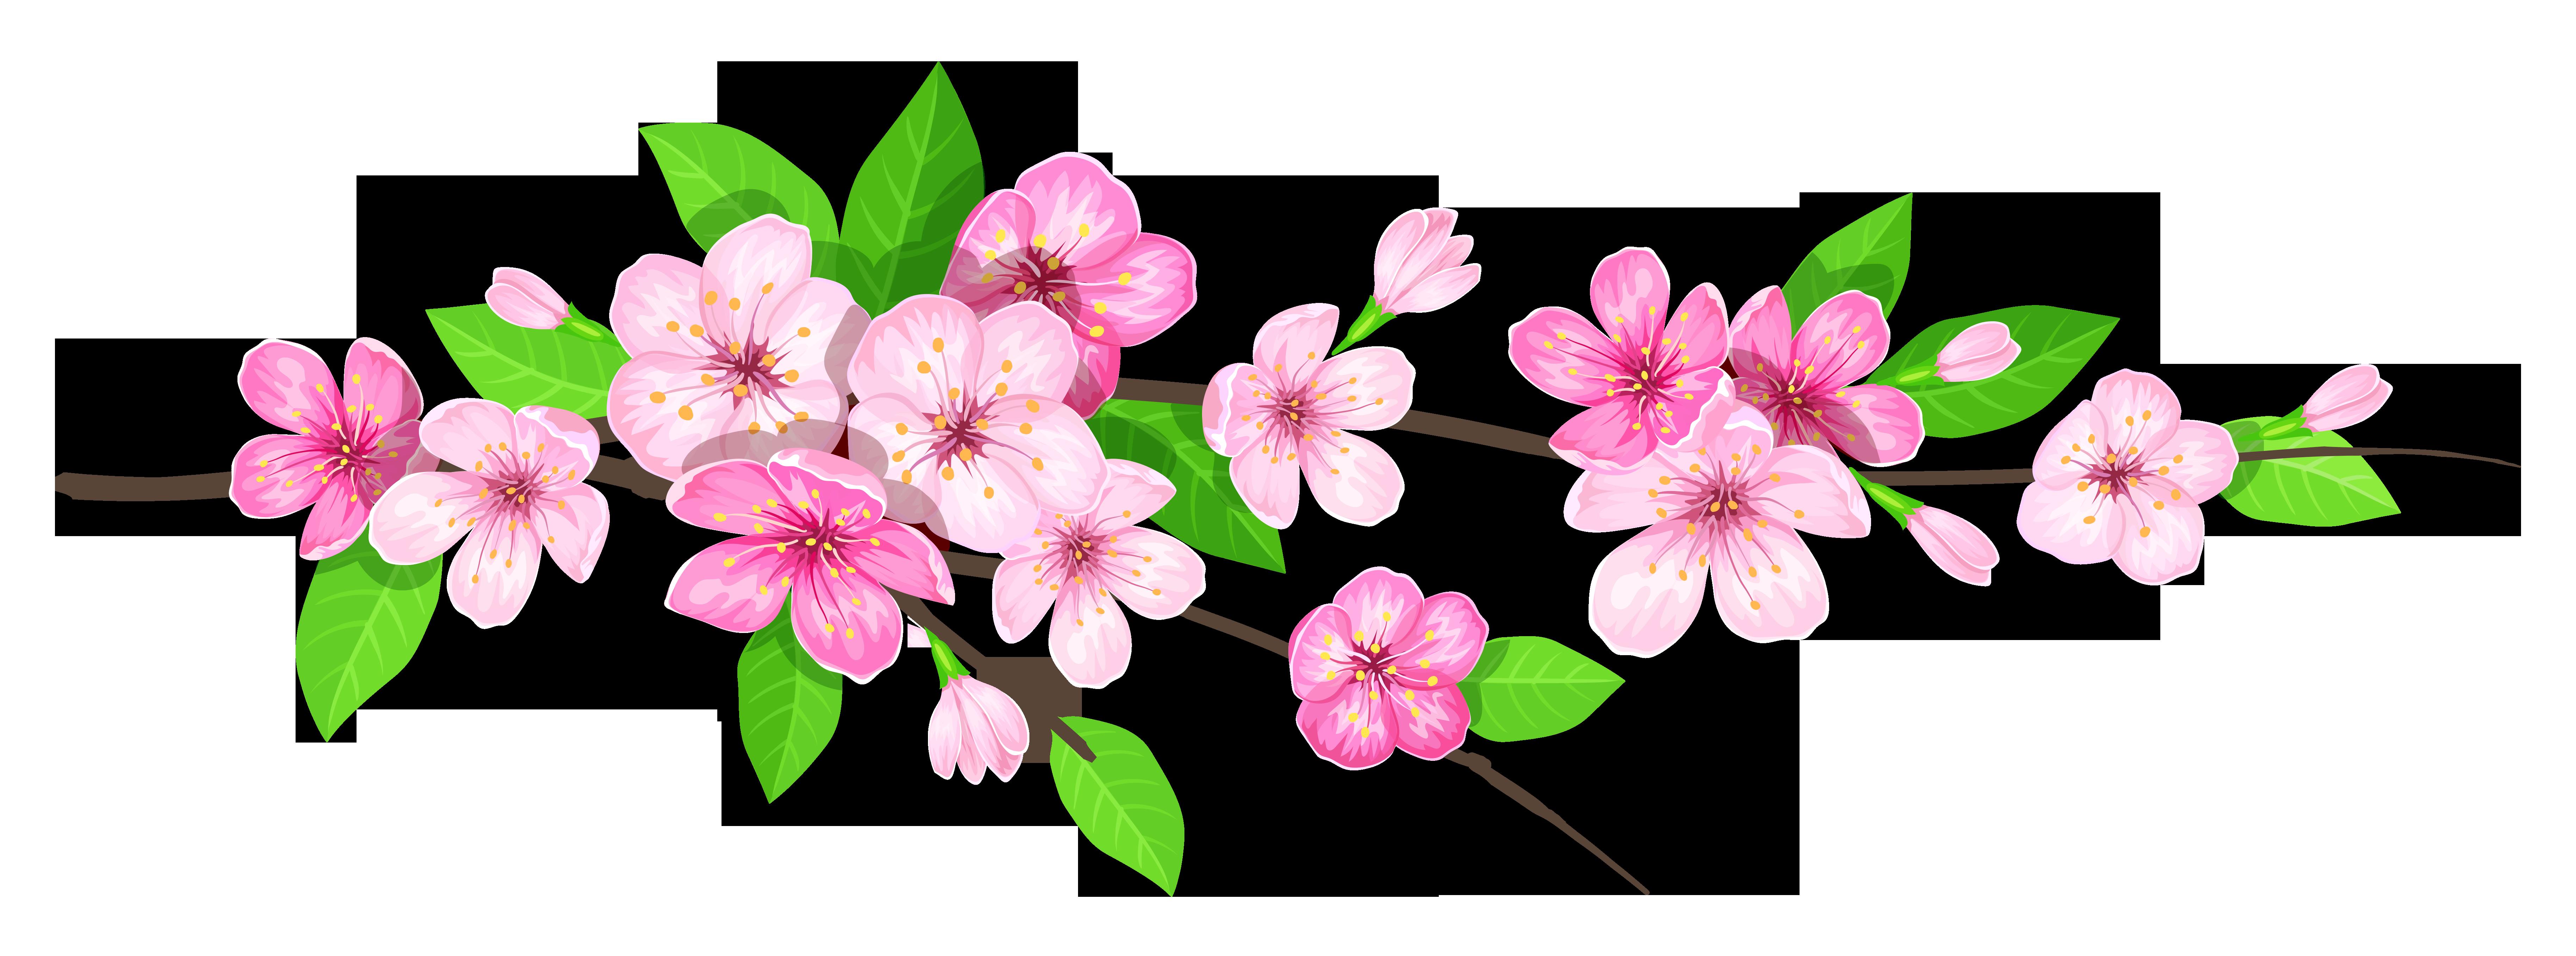 vector transparent stock spring transparent pink flower #103621716